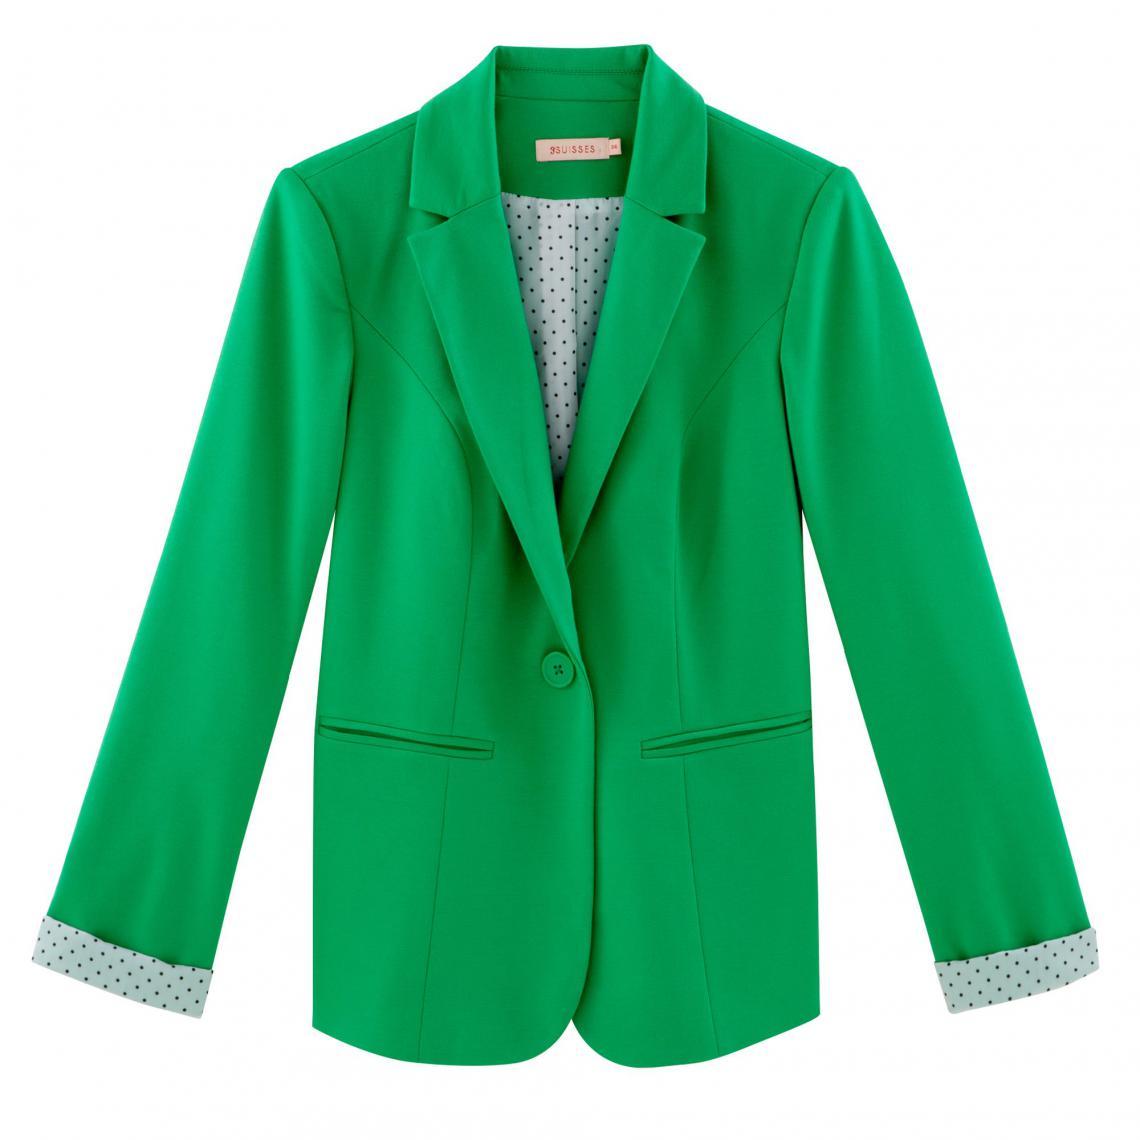 f6bd7d529e3efe Veste tailleur femme à Doublure imprimée fantaisie - vert | 3 SUISSES